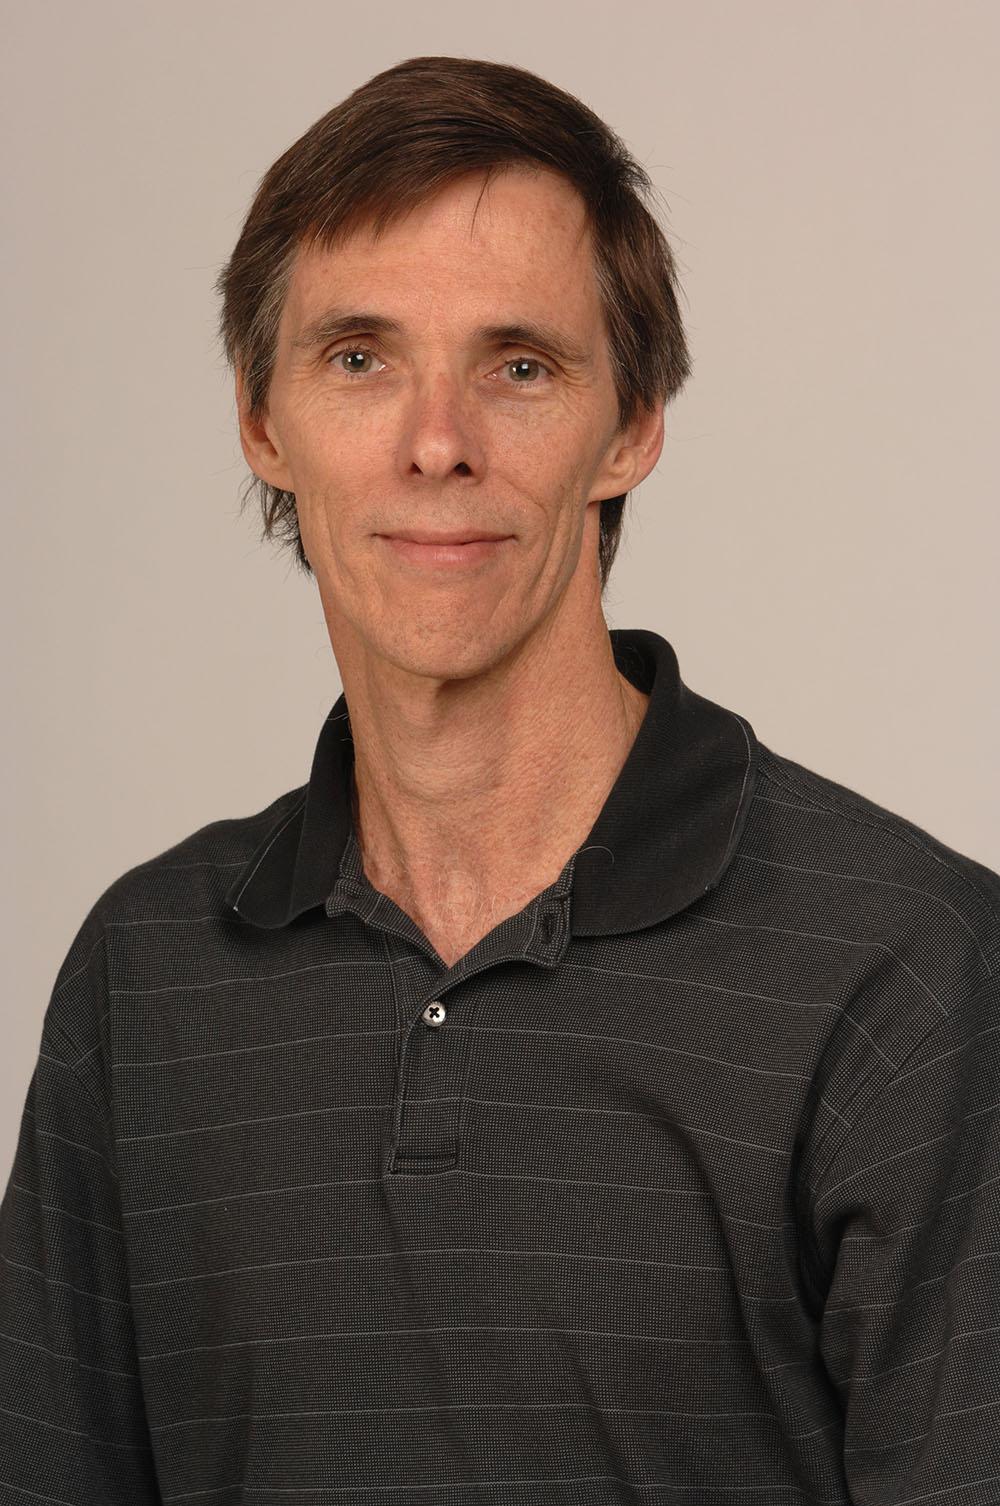 Kip Irvine Portrait